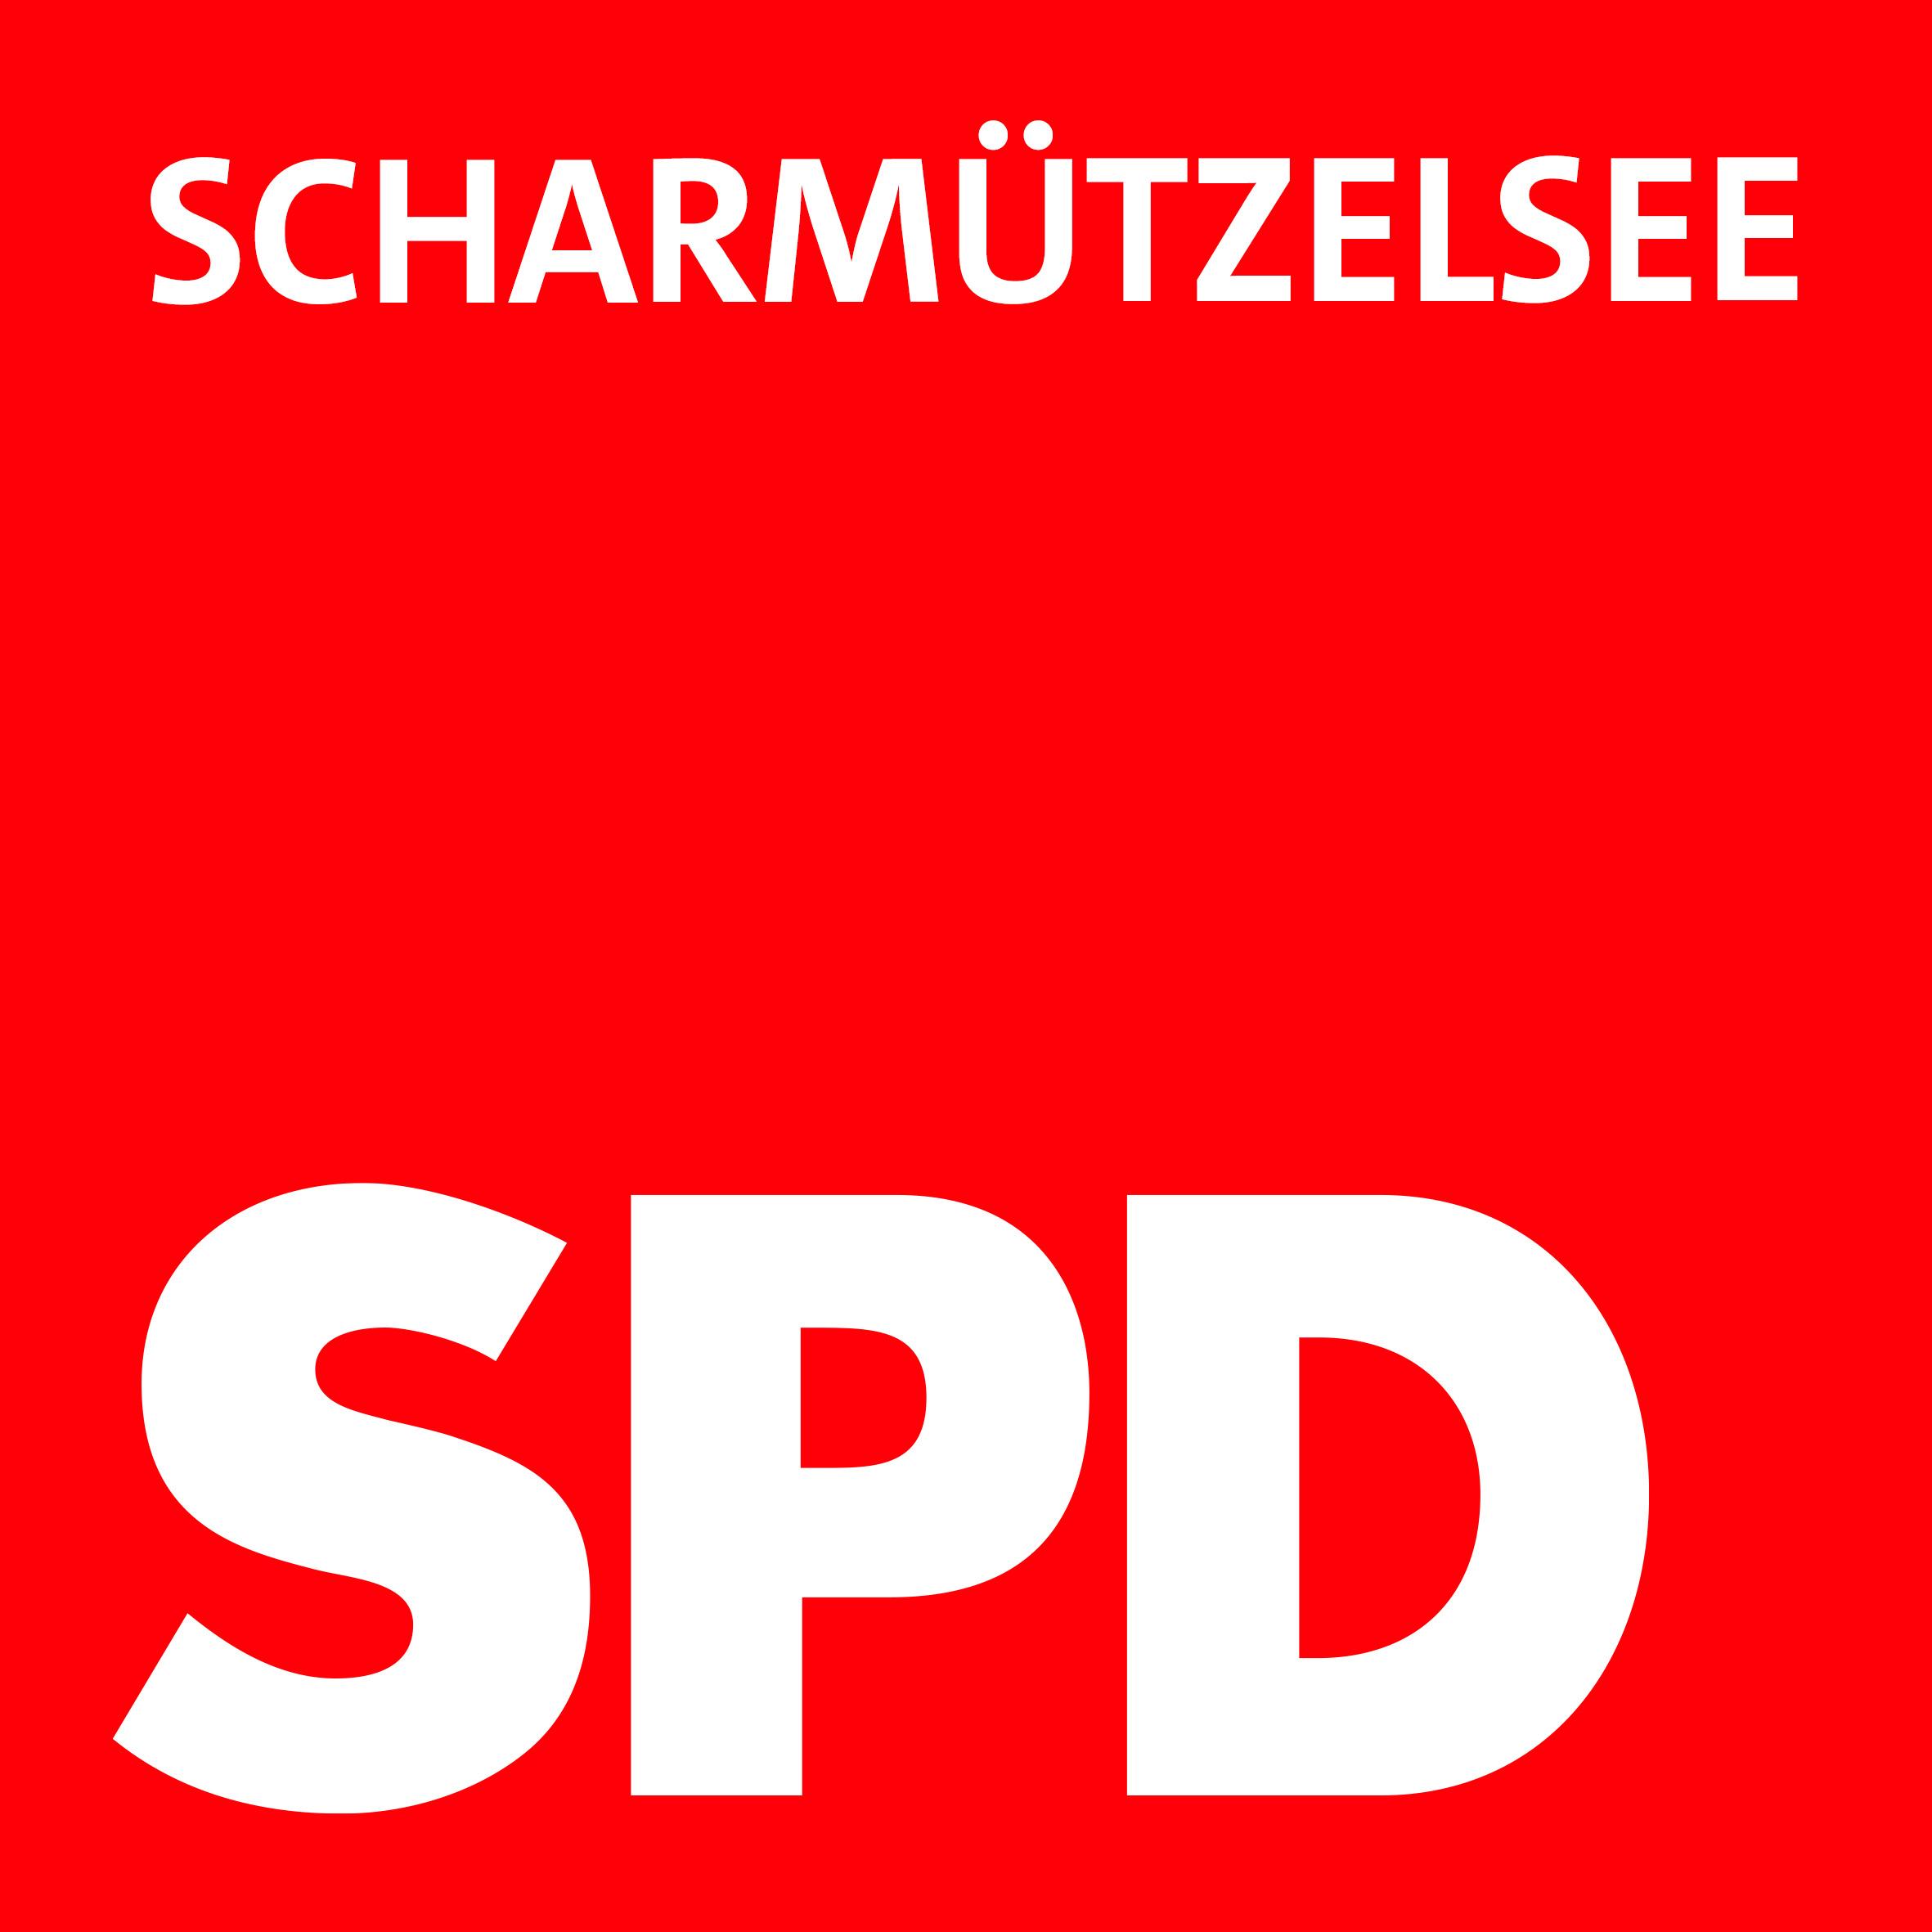 SPD Scharmützelsee